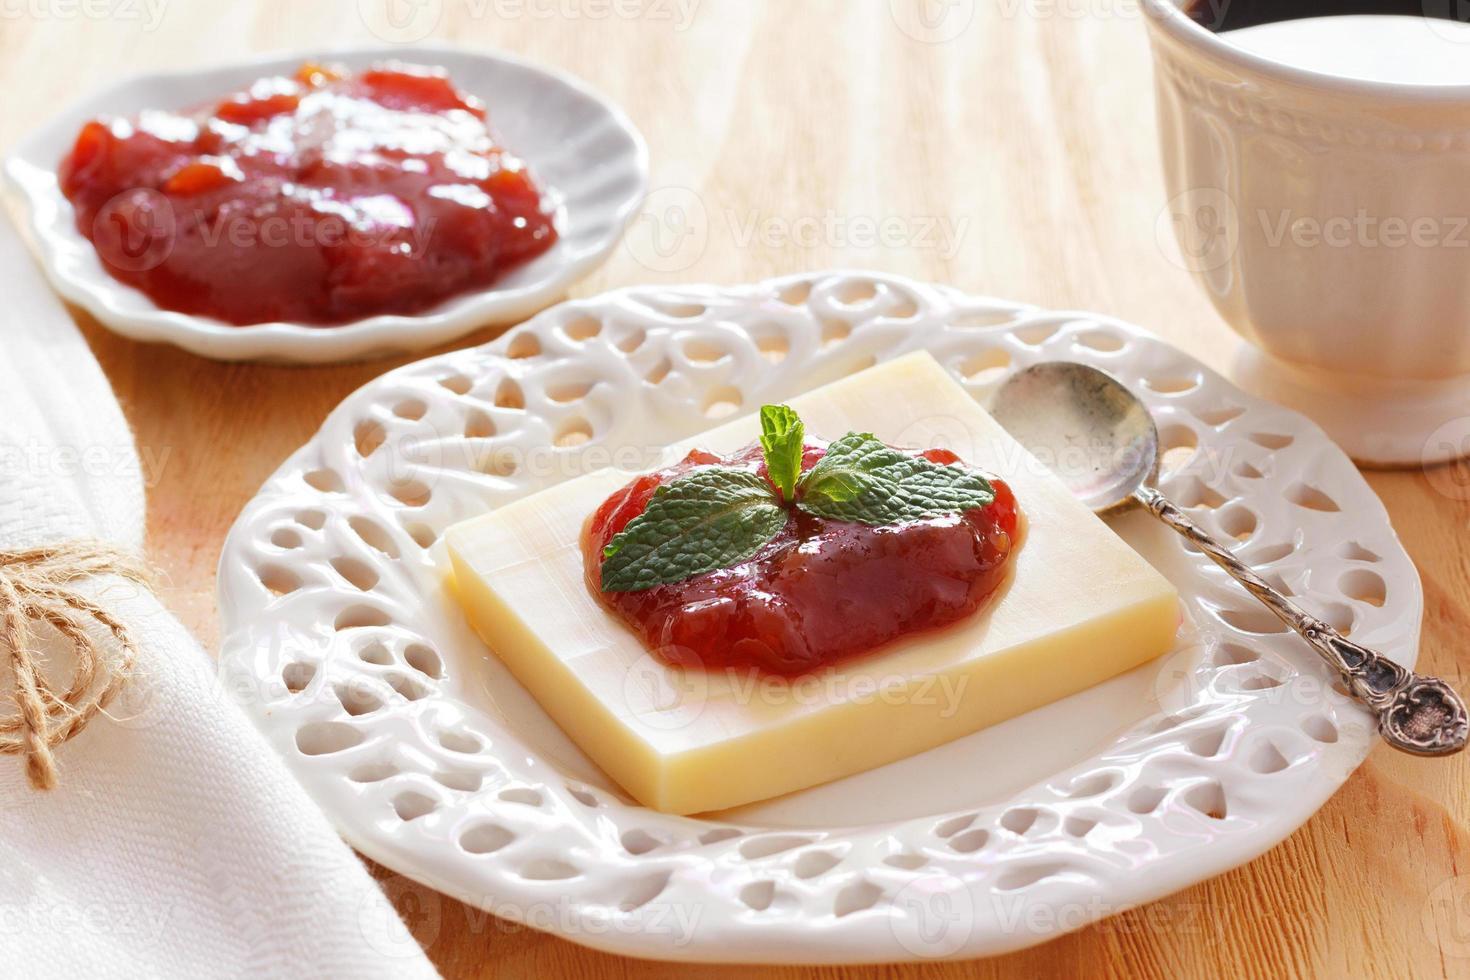 sobremesa brasileira romeu e julieta, geleia de goiabada, queijo foto